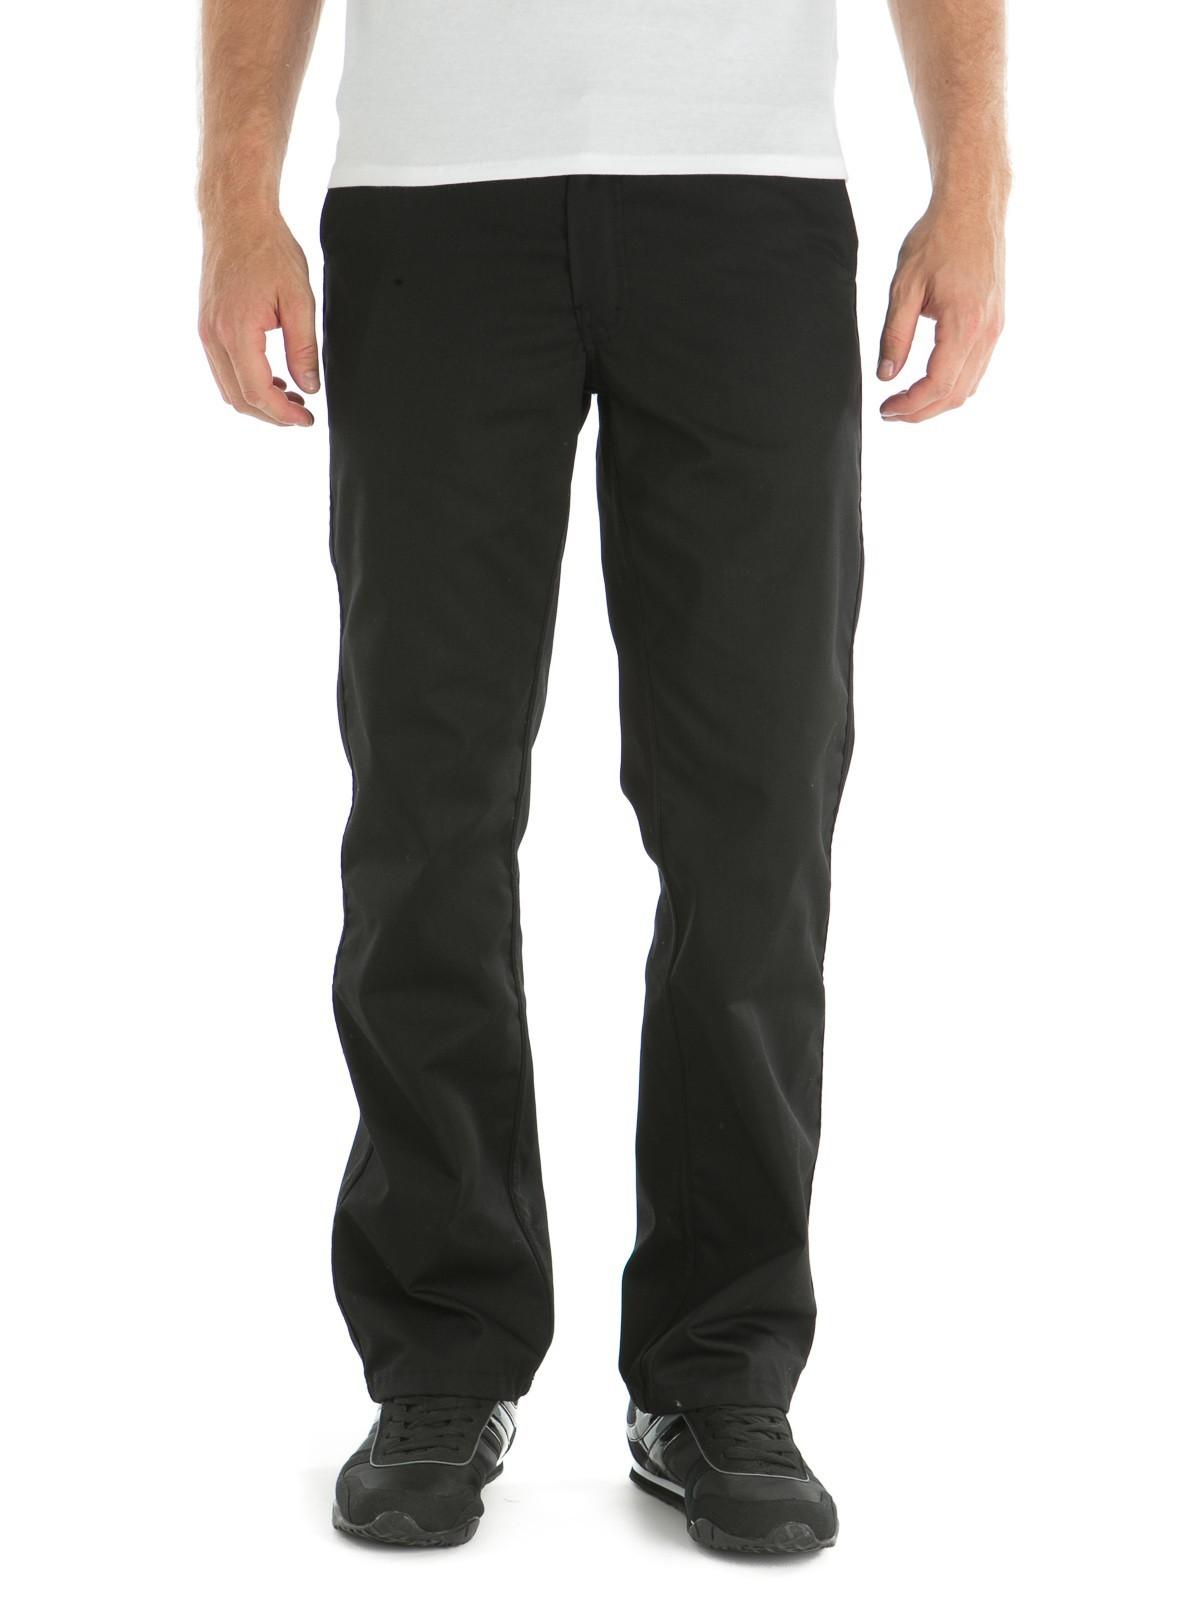 Cuisine Pantalon Pantalon De Noir Cuisine De Pantalon Cuisine Cuisine Districenter  Districenter De Pantalon Districenter Noir ... d384fe029c3